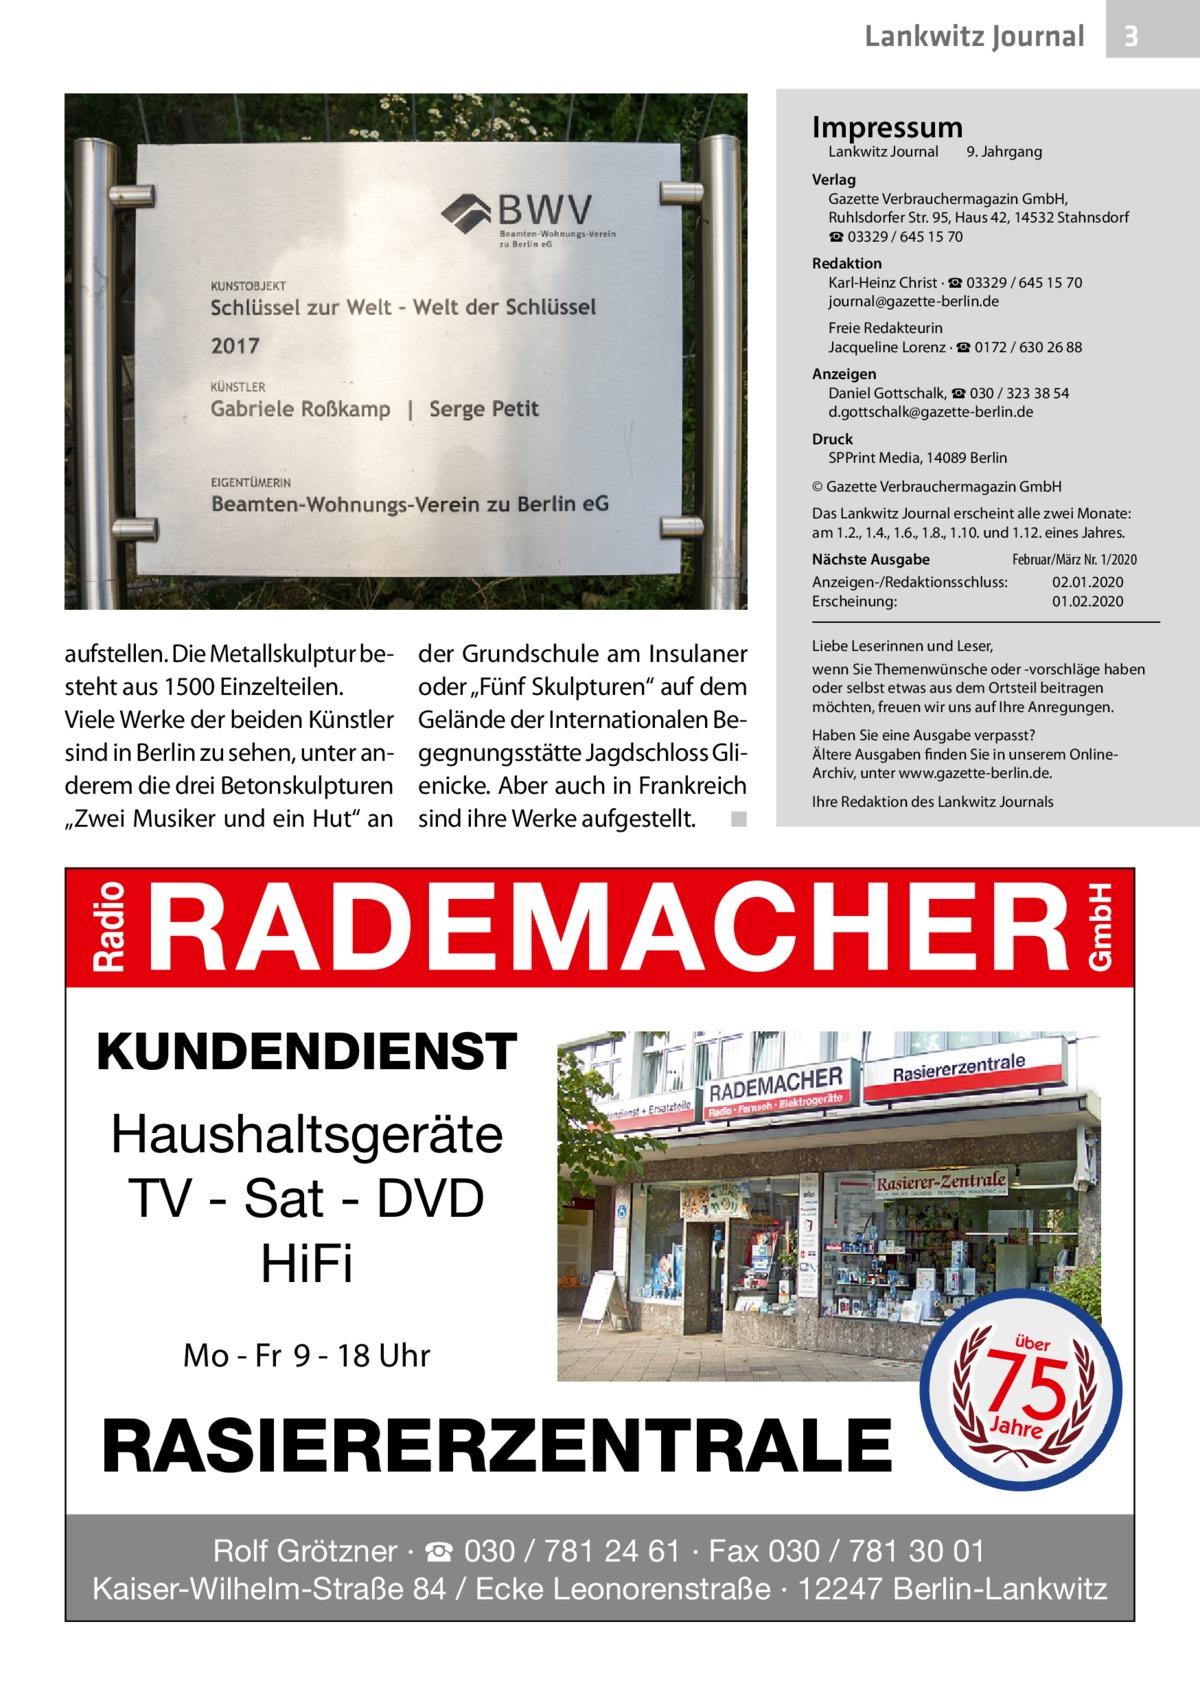 """Lankwitz Journal Impressum Lankwitz Journal   3  9. Jahrgang  Verlag Gazette Verbrauchermagazin GmbH, RuhlsdorferStr.95, Haus 42, 14532 Stahnsdorf ☎ 03329 / 645 15 70 Redaktion Karl-Heinz Christ · ☎ 03329 / 645 15 70 journal@gazette-berlin.de Freie Redakteurin Jacqueline Lorenz · ☎ 0172 /6302688 Anzeigen Daniel Gottschalk, ☎ 030 / 323 38 54 d.gottschalk@gazette-berlin.de Druck SPPrint Media, 14089Berlin © Gazette Verbrauchermagazin GmbH Das Lankwitz Journal erscheint alle zwei Monate: am 1.2., 1.4., 1.6., 1.8., 1.10. und 1.12. eines Jahres. Nächste Ausgabe  Februar/März Nr. 1/2020 Anzeigen-/Redaktionsschluss:02.01.2020 Erscheinung:01.02.2020  aufstellen. Die Metallskulptur besteht aus 1500Einzelteilen. Viele Werke der beiden Künstler sind in Berlin zu sehen, unter anderem die drei Betonskulpturen """"Zwei Musiker und ein Hut"""" an  der Grundschule am Insulaner oder """"Fünf Skulpturen"""" auf dem Gelände der Internationalen Begegnungsstätte Jagdschloss Glienicke. Aber auch in Frankreich sind ihre Werke aufgestellt. � ◾  Liebe Leserinnen und Leser, wenn Sie Themenwünsche oder -vorschläge haben oder selbst etwas aus dem Ortsteil beitragen möchten, freuen wir uns auf Ihre Anregungen. Haben Sie eine Ausgabe verpasst? Ältere Ausgaben finden Sie in unserem OnlineArchiv, unter www.gazette-berlin.de. Ihre Redaktion des Lankwitz Journals  KUNDENDIENST  Haushaltsgeräte TV - Sat - DVD HiFi Mo - Fr 9 - 18 Uhr  RASIERERZENTRALE  75 über  Jahre  Rolf Grötzner · ☎ 030 / 781 24 61 · Fax 030 / 781 30 01 Kaiser-Wilhelm-Straße 84 / Ecke Leonorenstraße · 12247 Berlin-Lankwitz"""